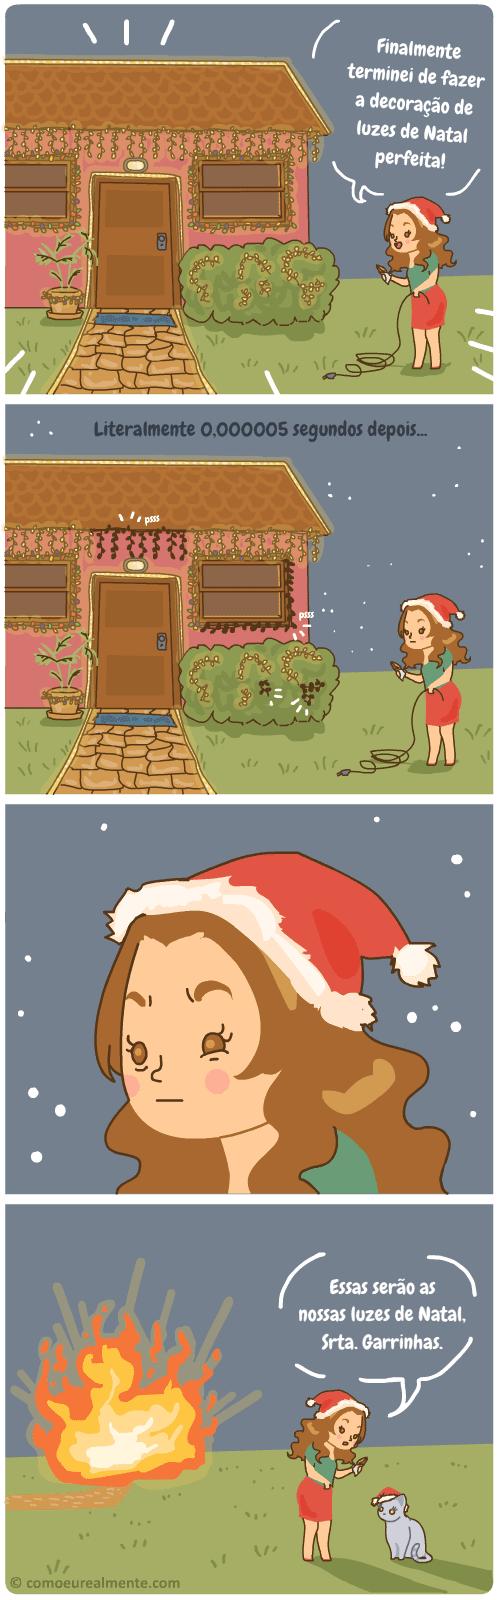 Toda vez que eu arrumo as luzes de Natal, partes delas queimam literalmente segundos depois de tudo pronto e eu só quero tacar fogo em tudo